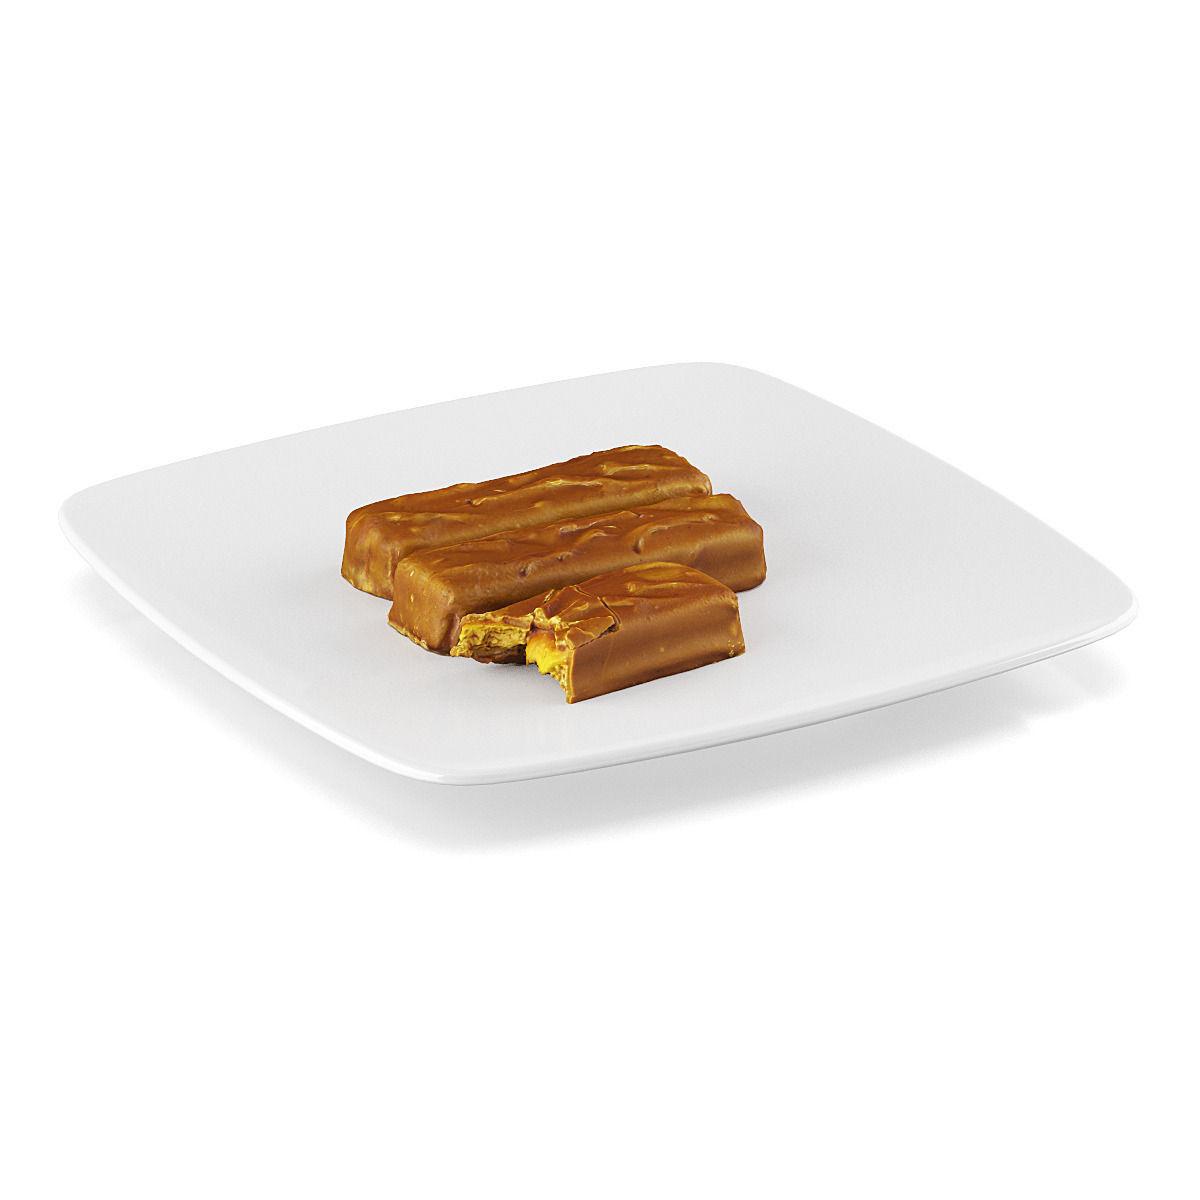 Chocolate bars 3 3d model max obj fbx c4d for Food bar 3d model